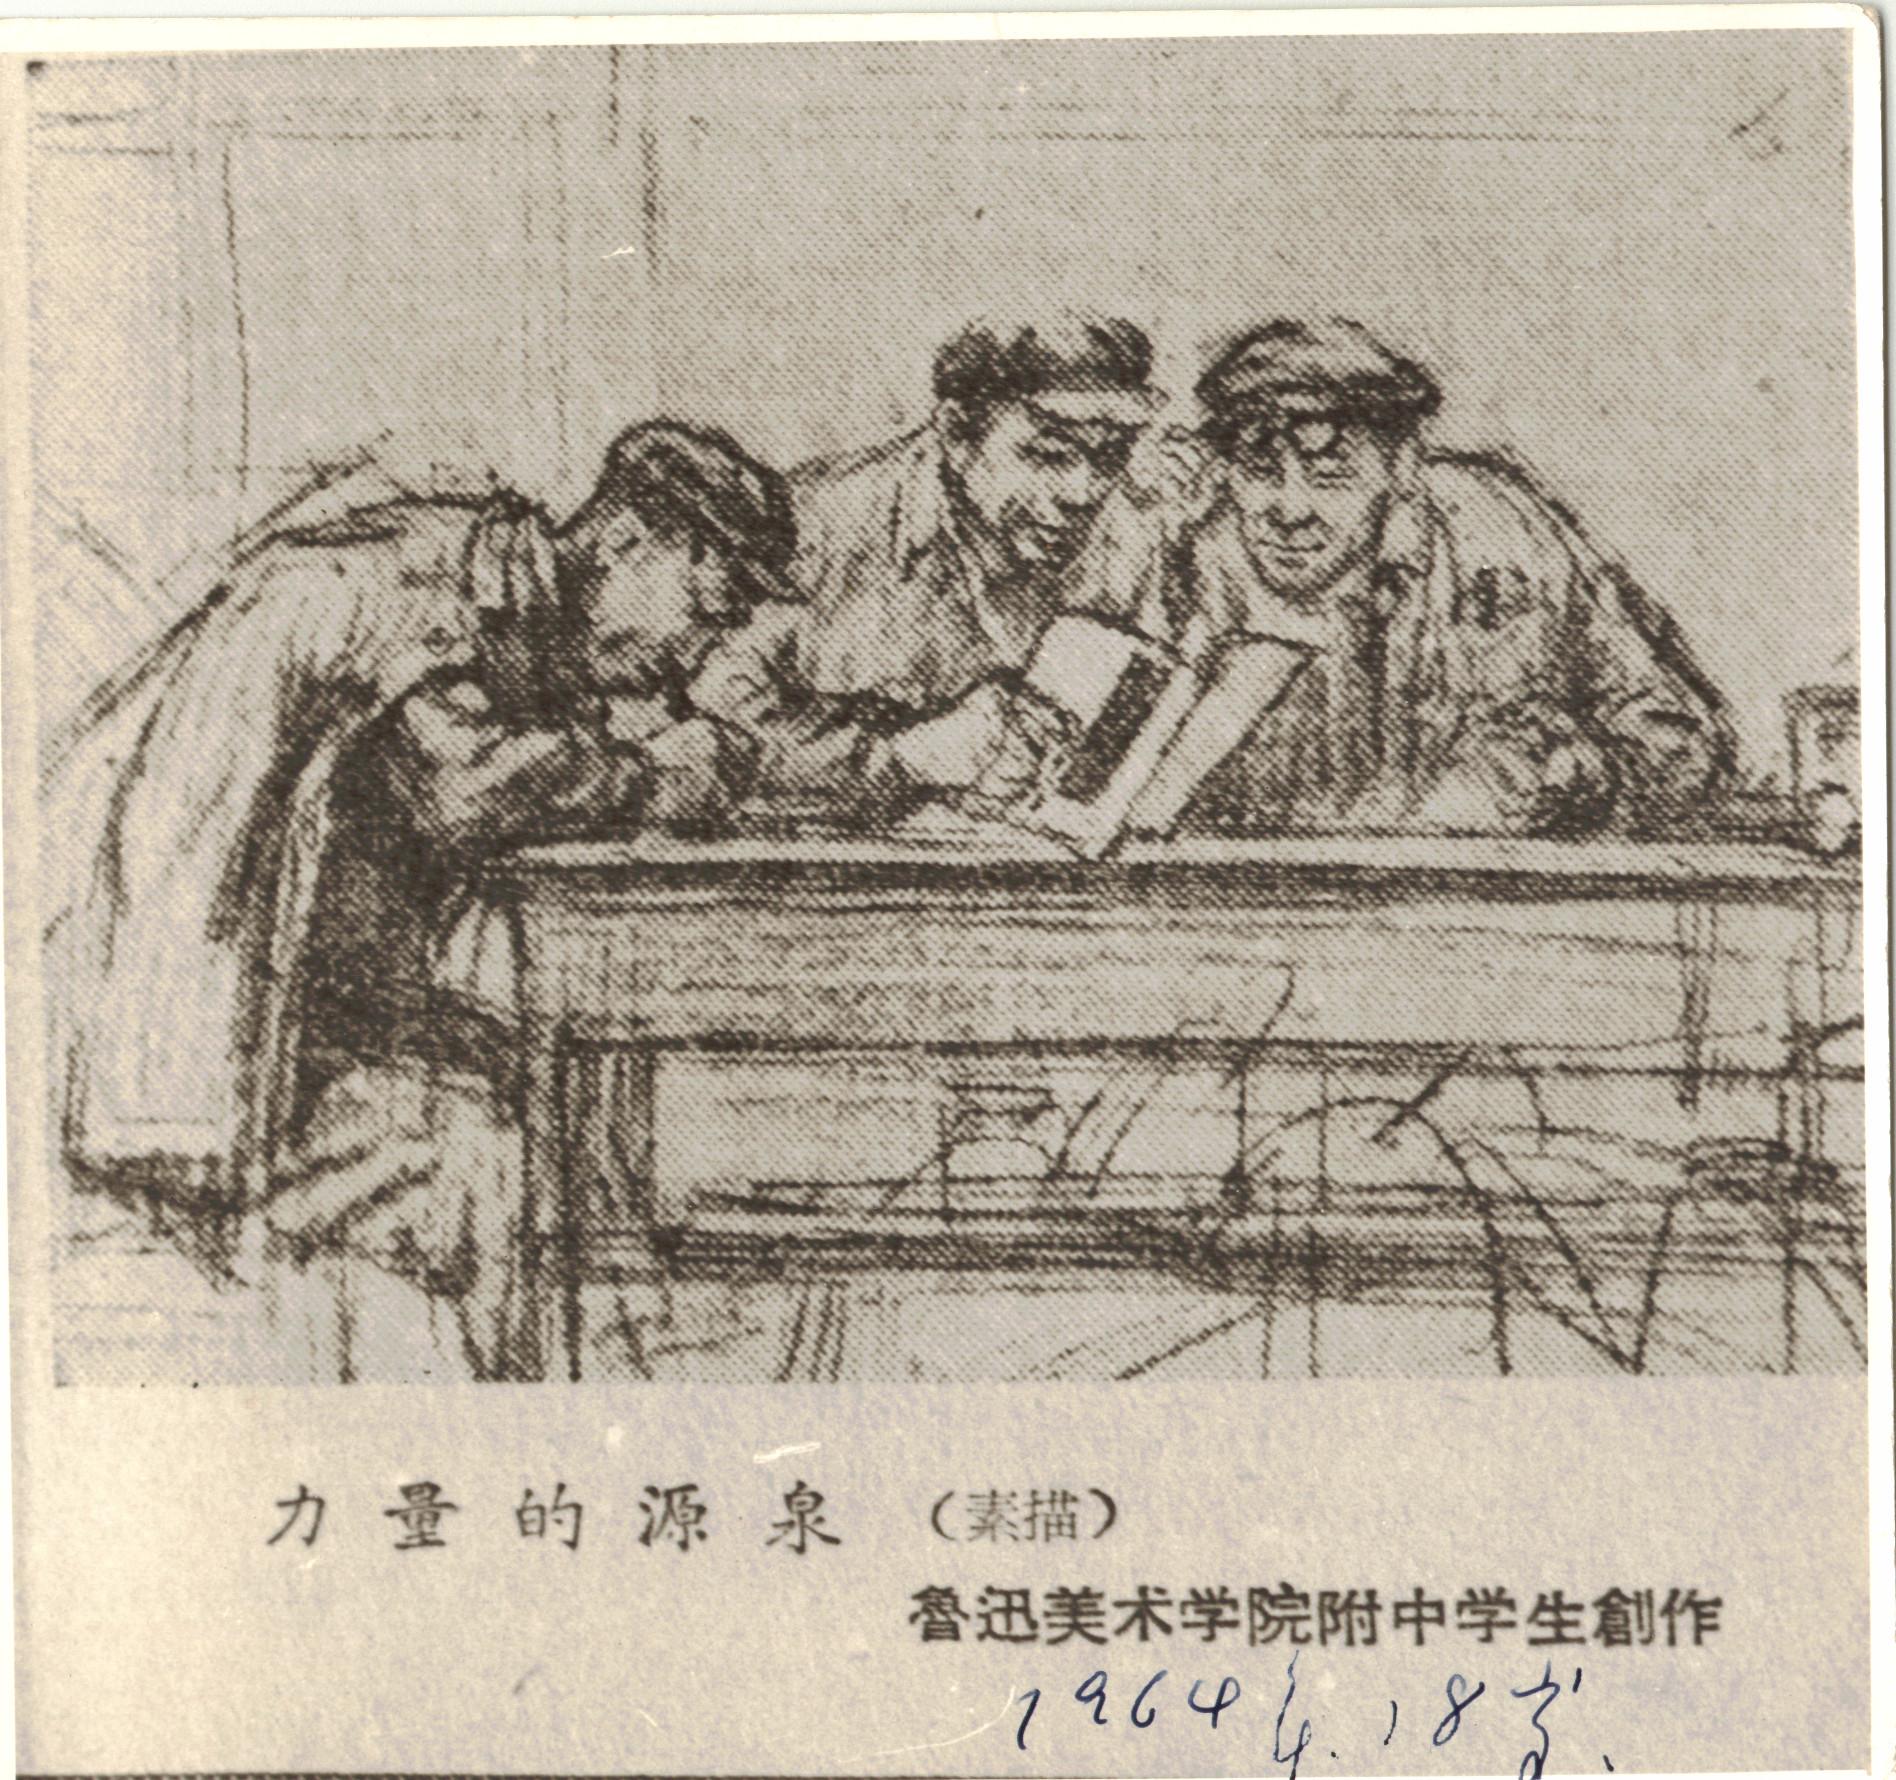 力量的源泉 1964年 (鲁迅美院附中毕业创作草图).jpg